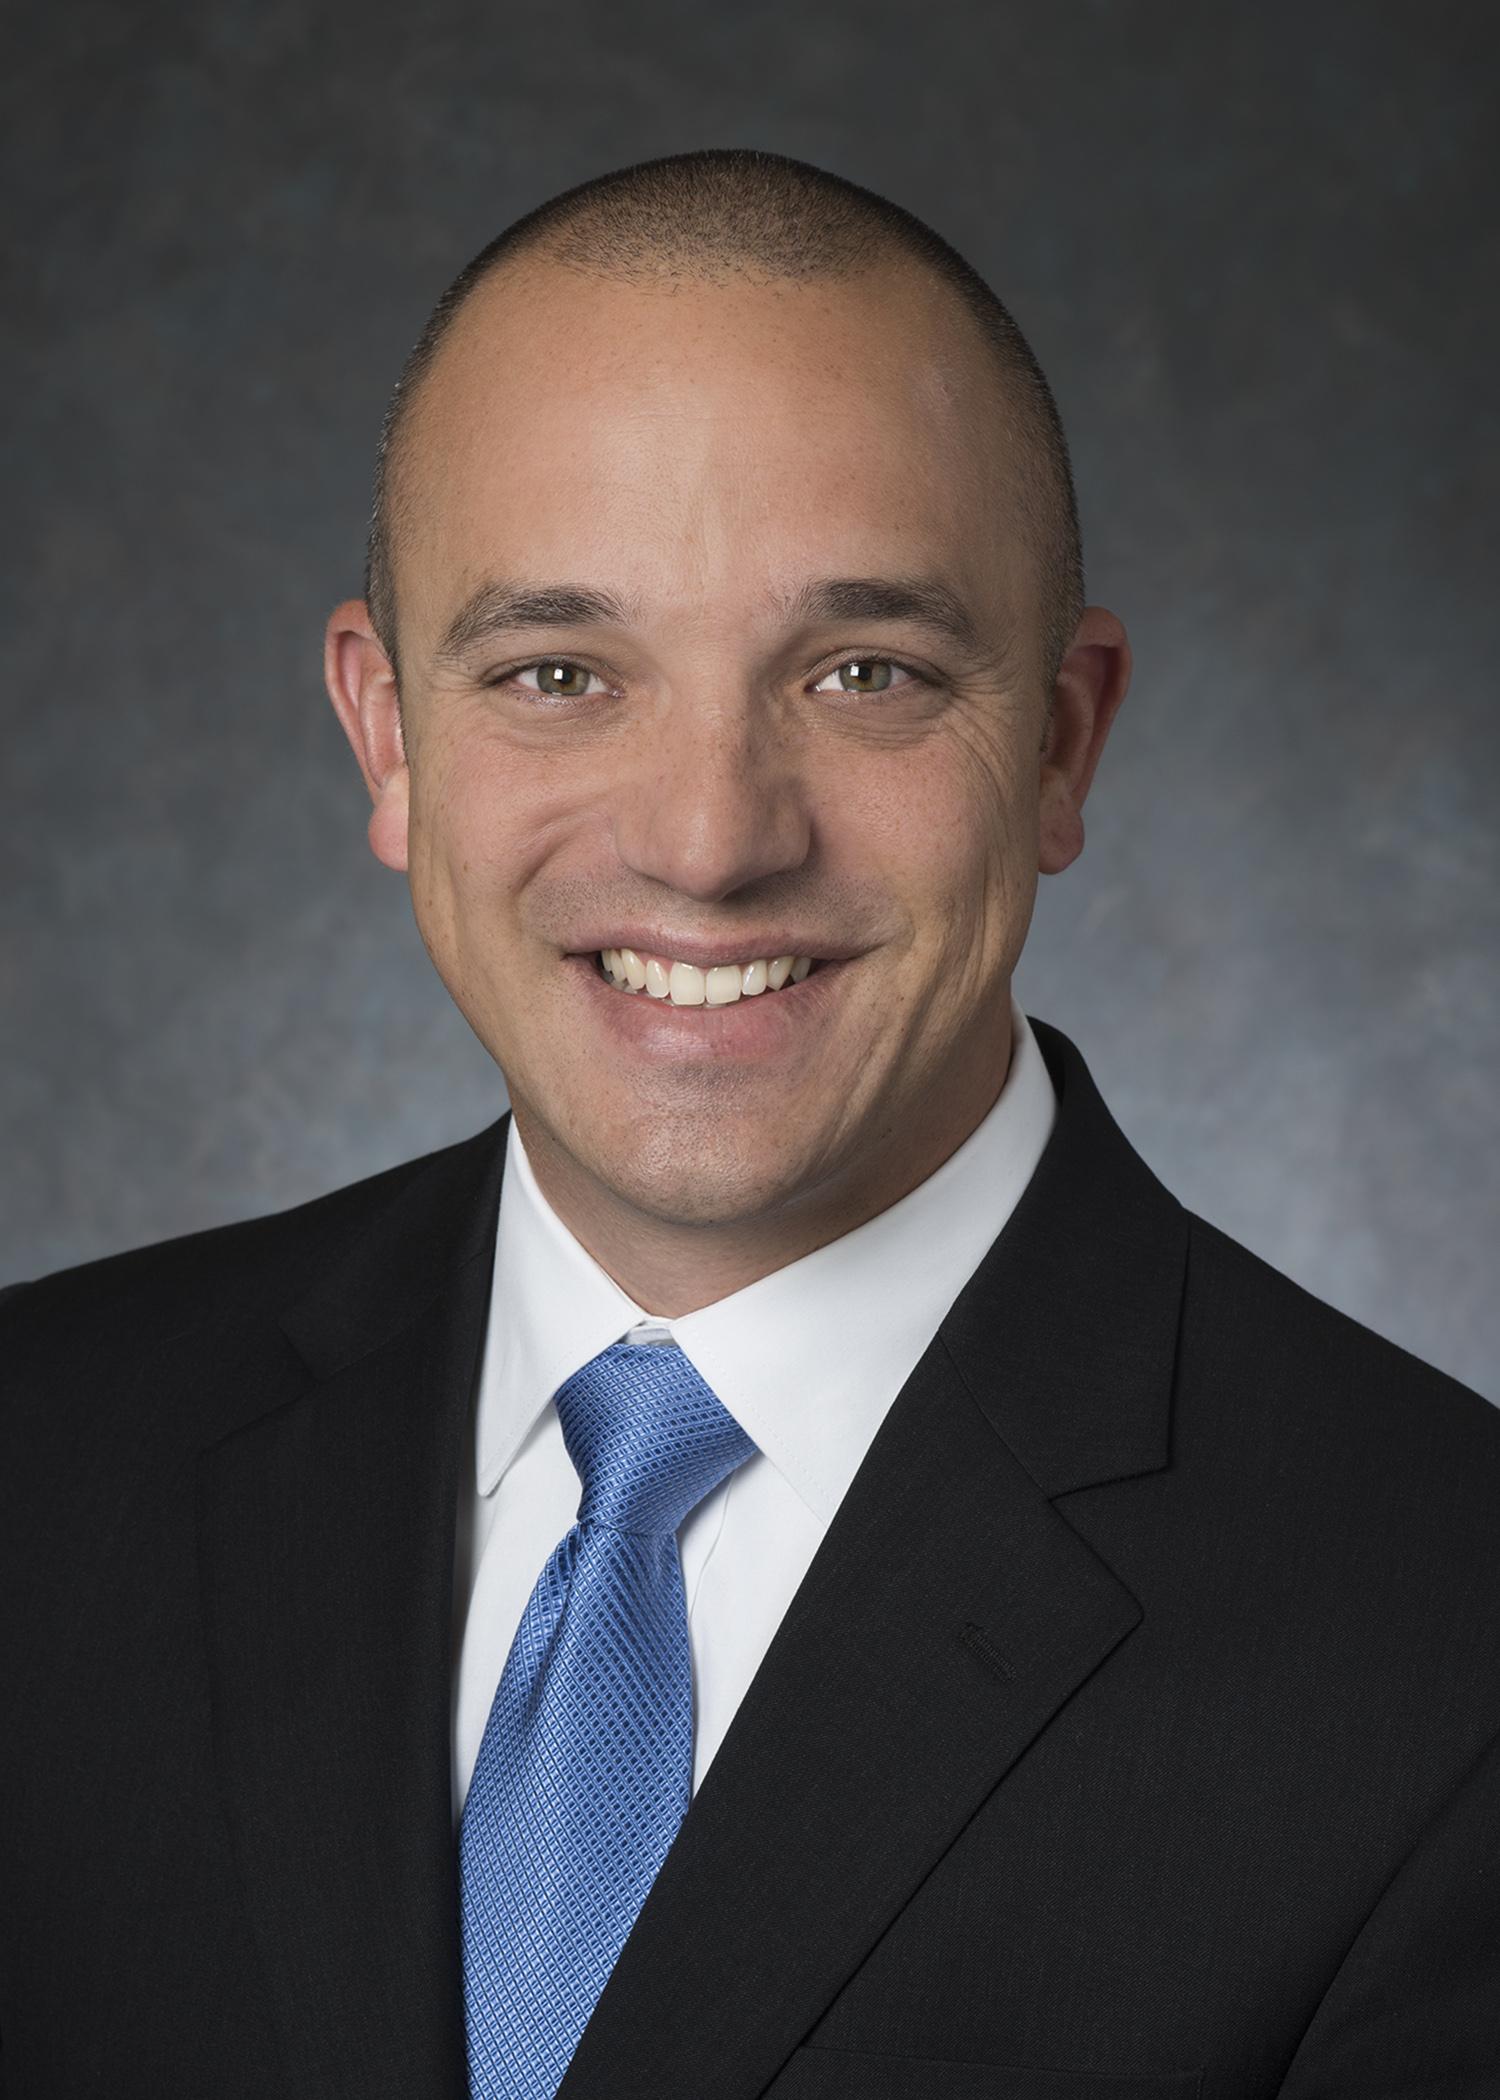 Erik Winkler - Commerce Bank